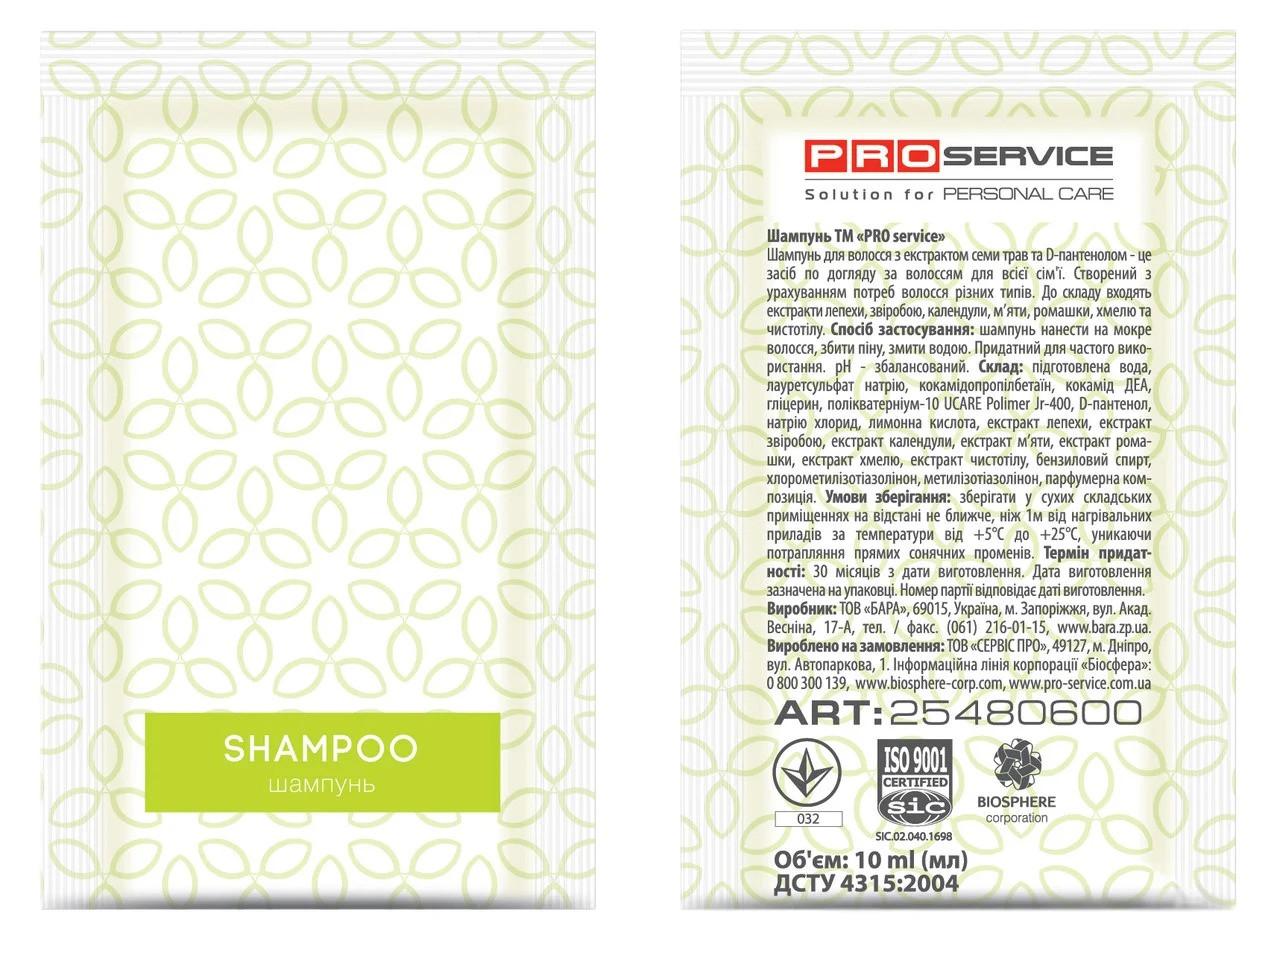 """PRO Шампунь """"Сім трав"""", 10 мл для волосся та тіла 300шт/уп."""